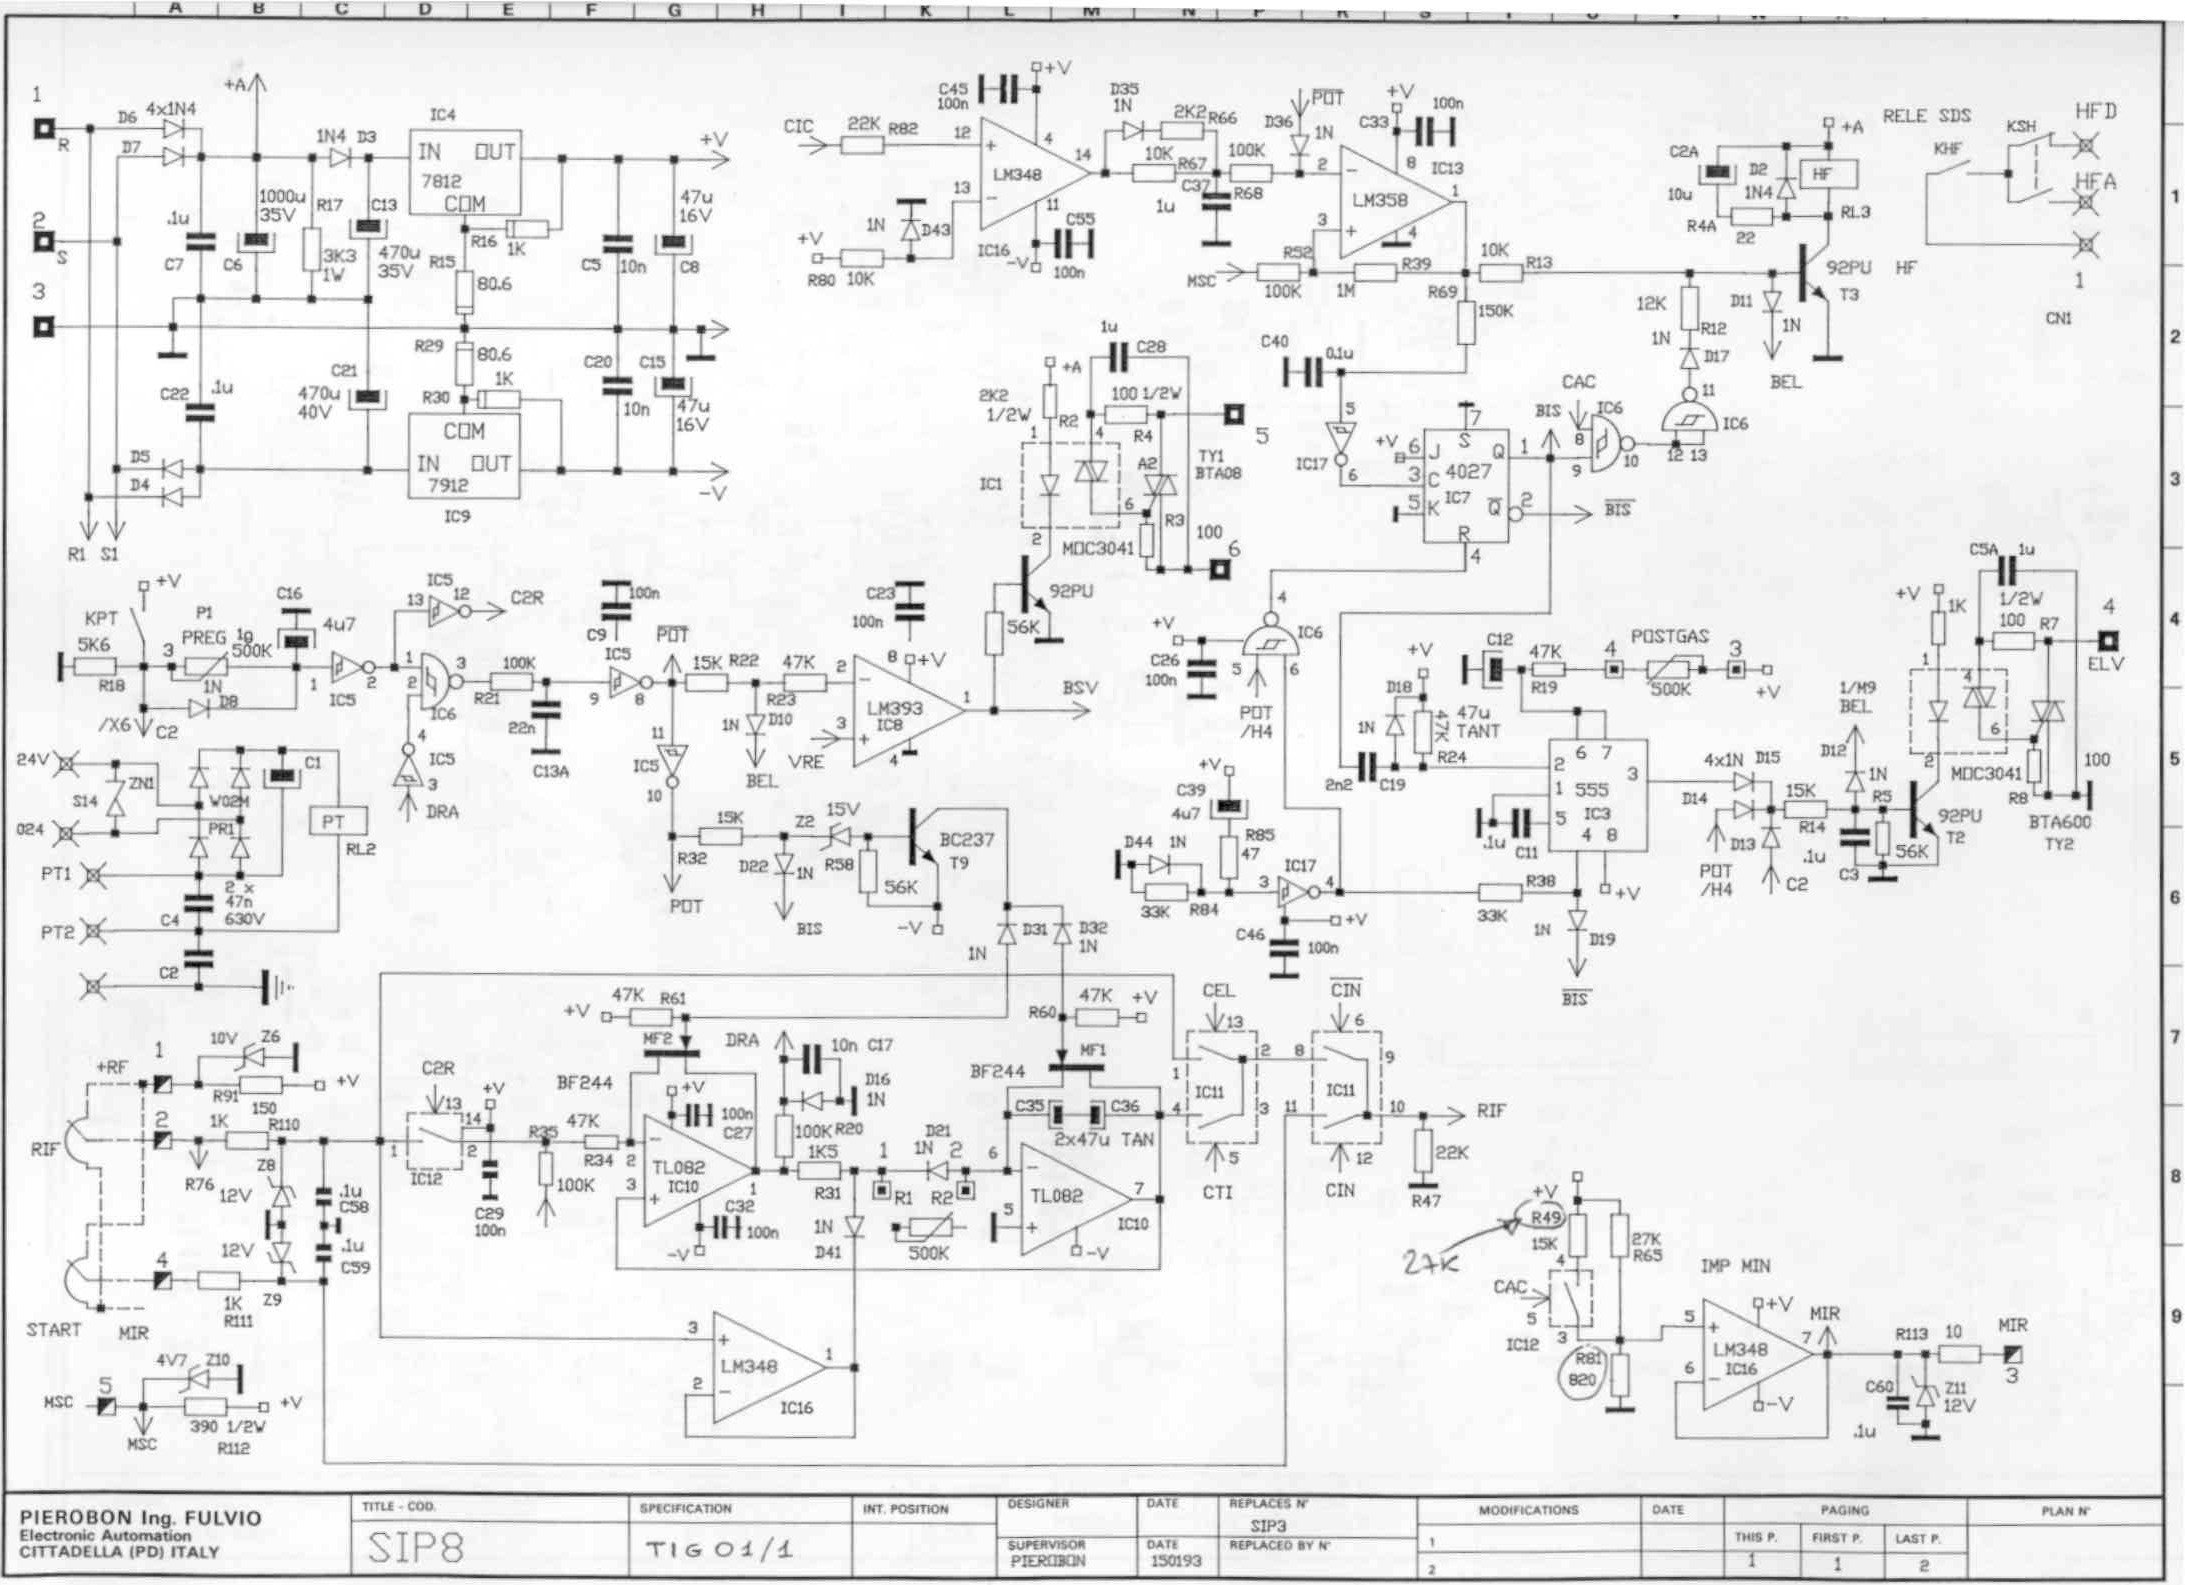 astro power mig 130 manual pdf